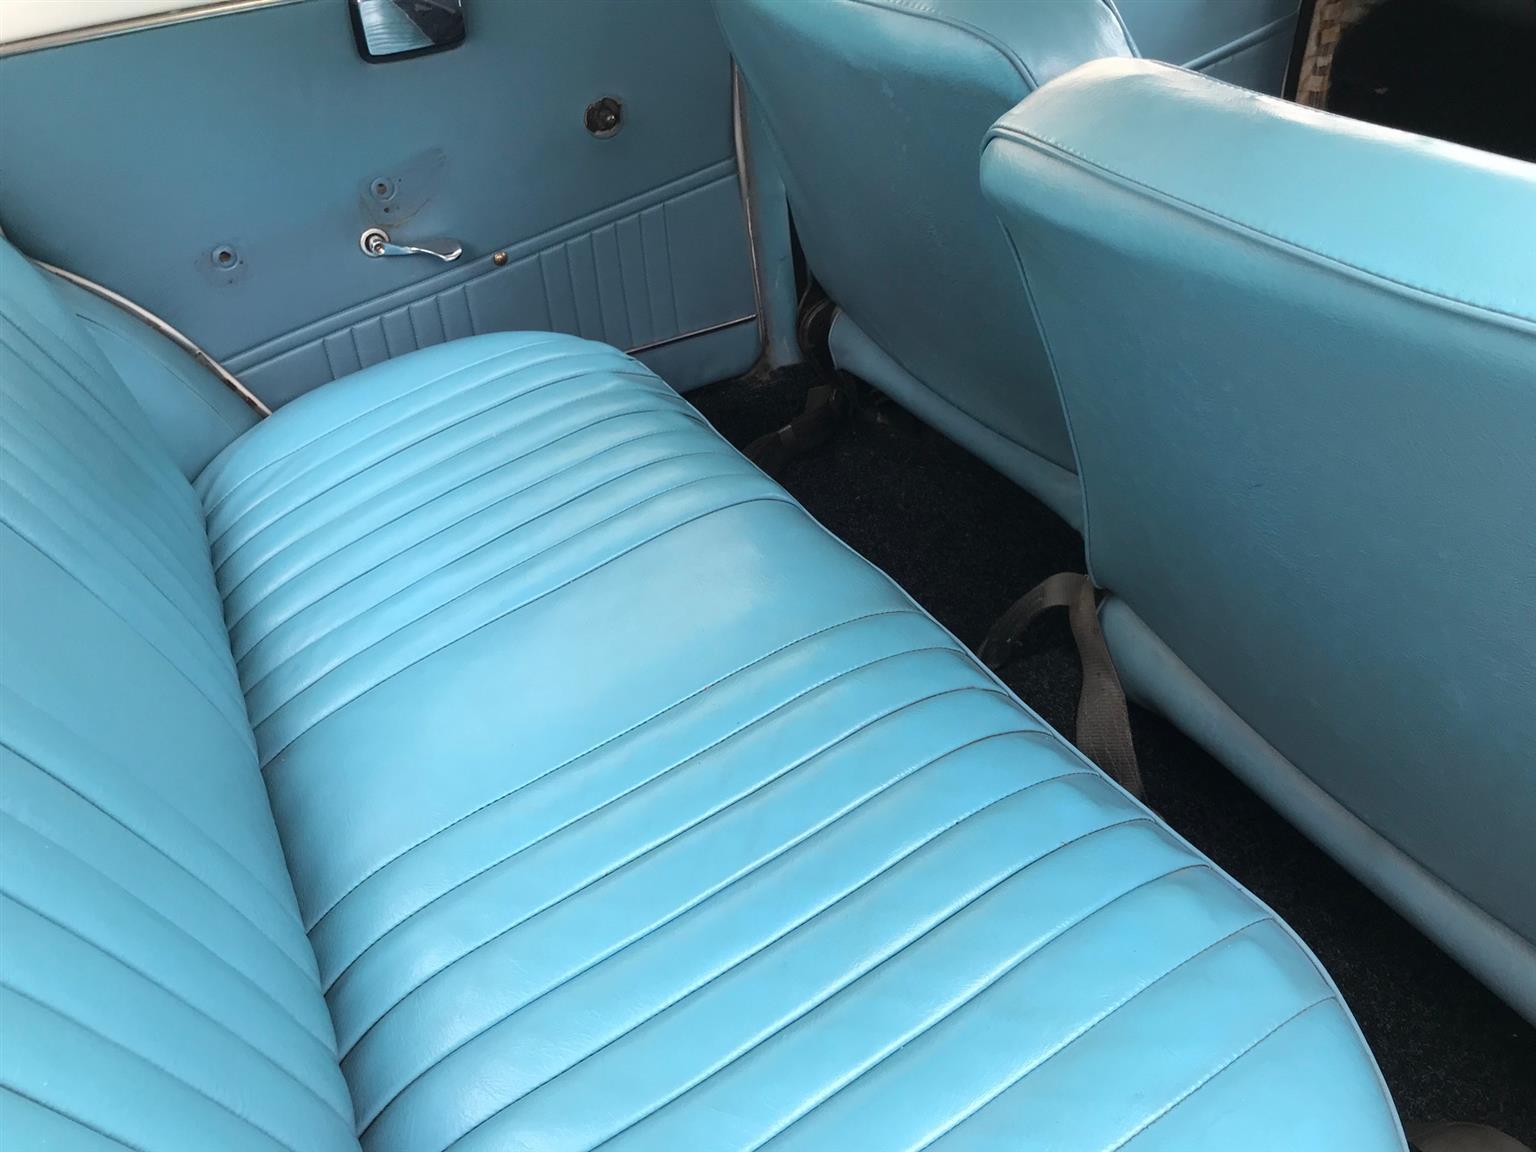 Stunning classic Fiat 1500 Sedan